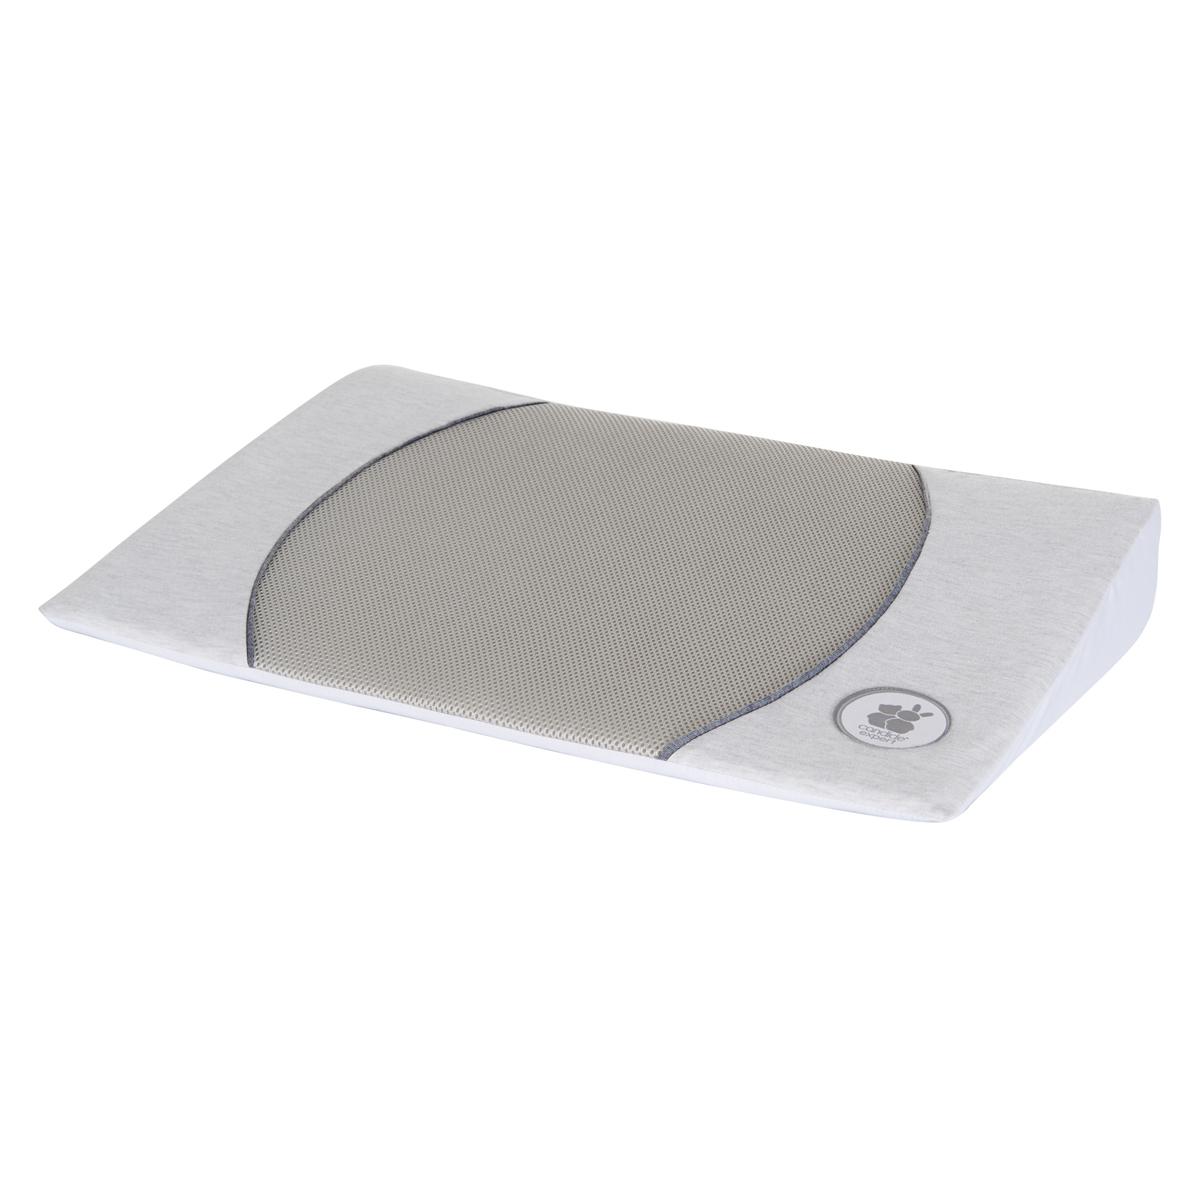 Inclinateur Plan Incliné 15° Air + pour Lit 70 x 140 cm Plan Incliné 15° Air + pour Lit 70 x 140 cm